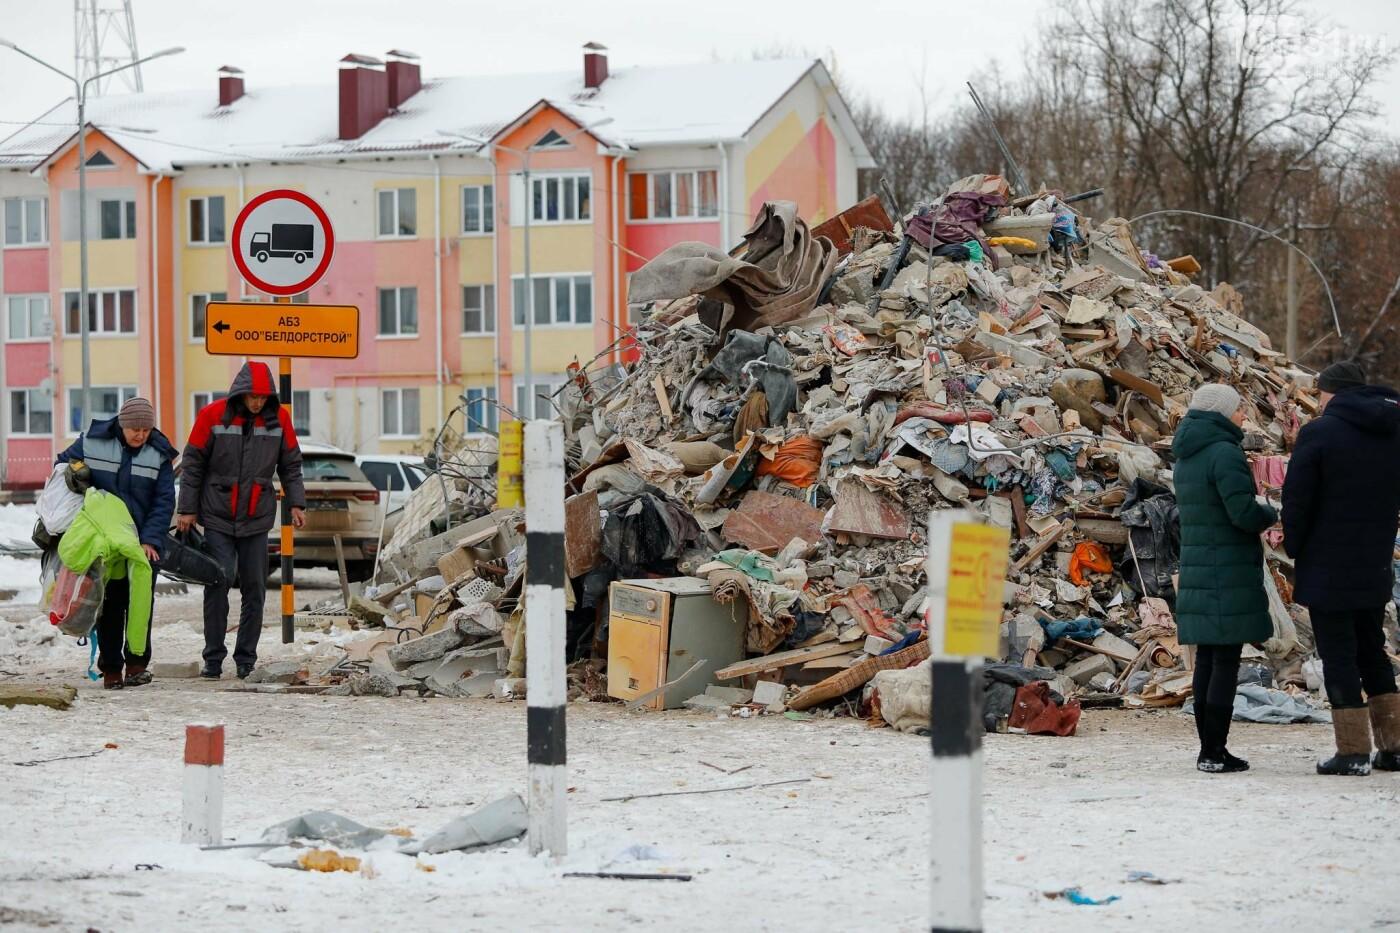 Белгородцы приносят цветы к разрушенному взрывом дому в Яковлево, фото-9